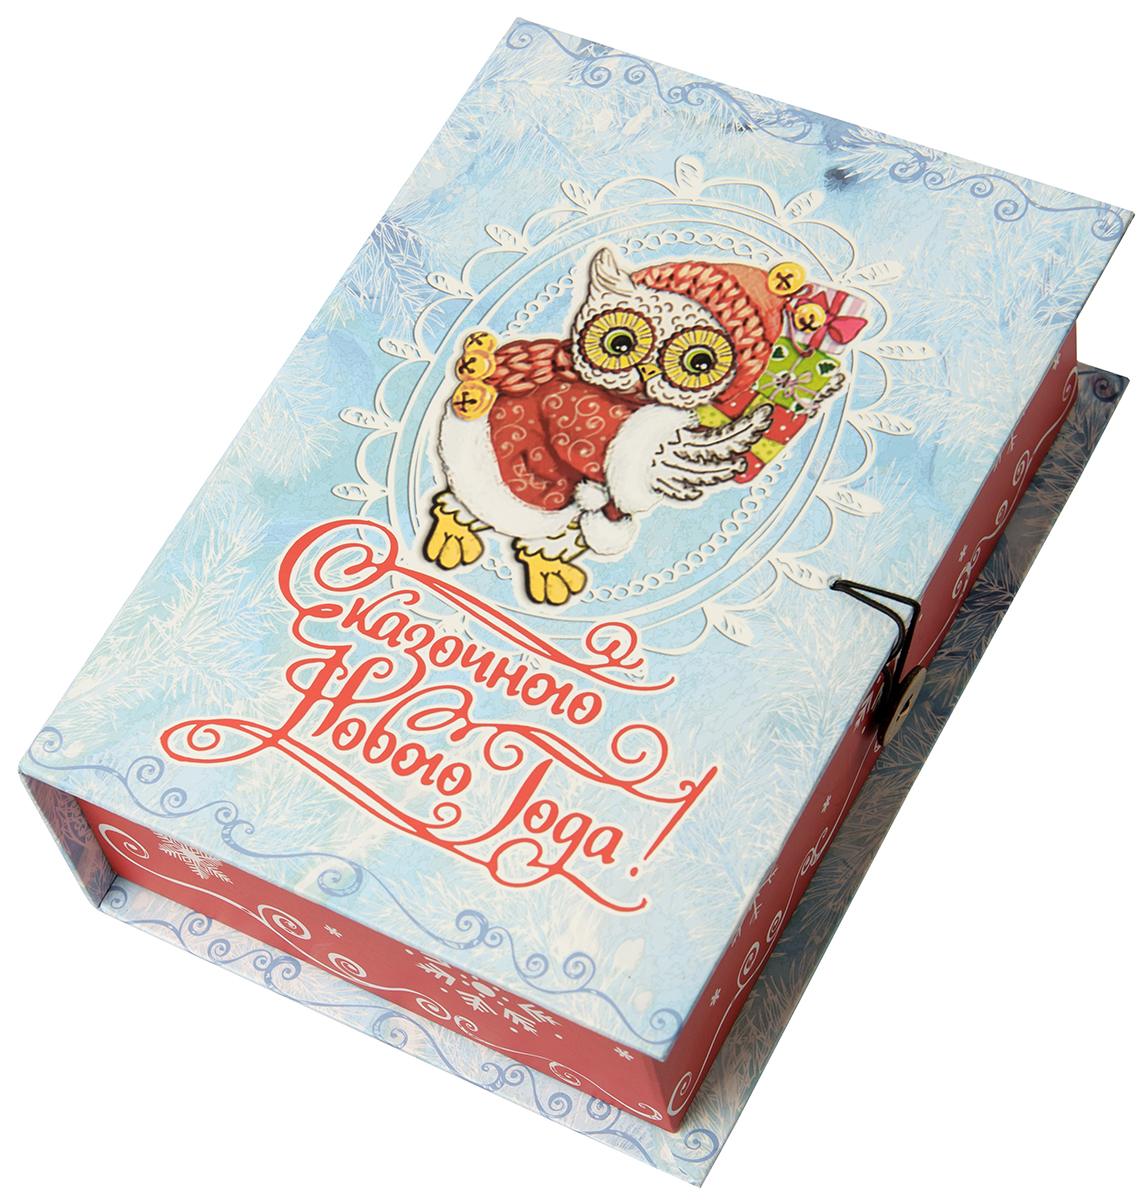 Коробка подарочная Magic Time Новогодняя сова, размер M. 7503575035Подарочная коробка Новогодняя сова-M из мелованного, ламинированного, негофрированного картона плотностью 1100 г, м2, с полноцветным декоративным рисунком на внутренней и наружной части, 20x14x6, артикул 75035